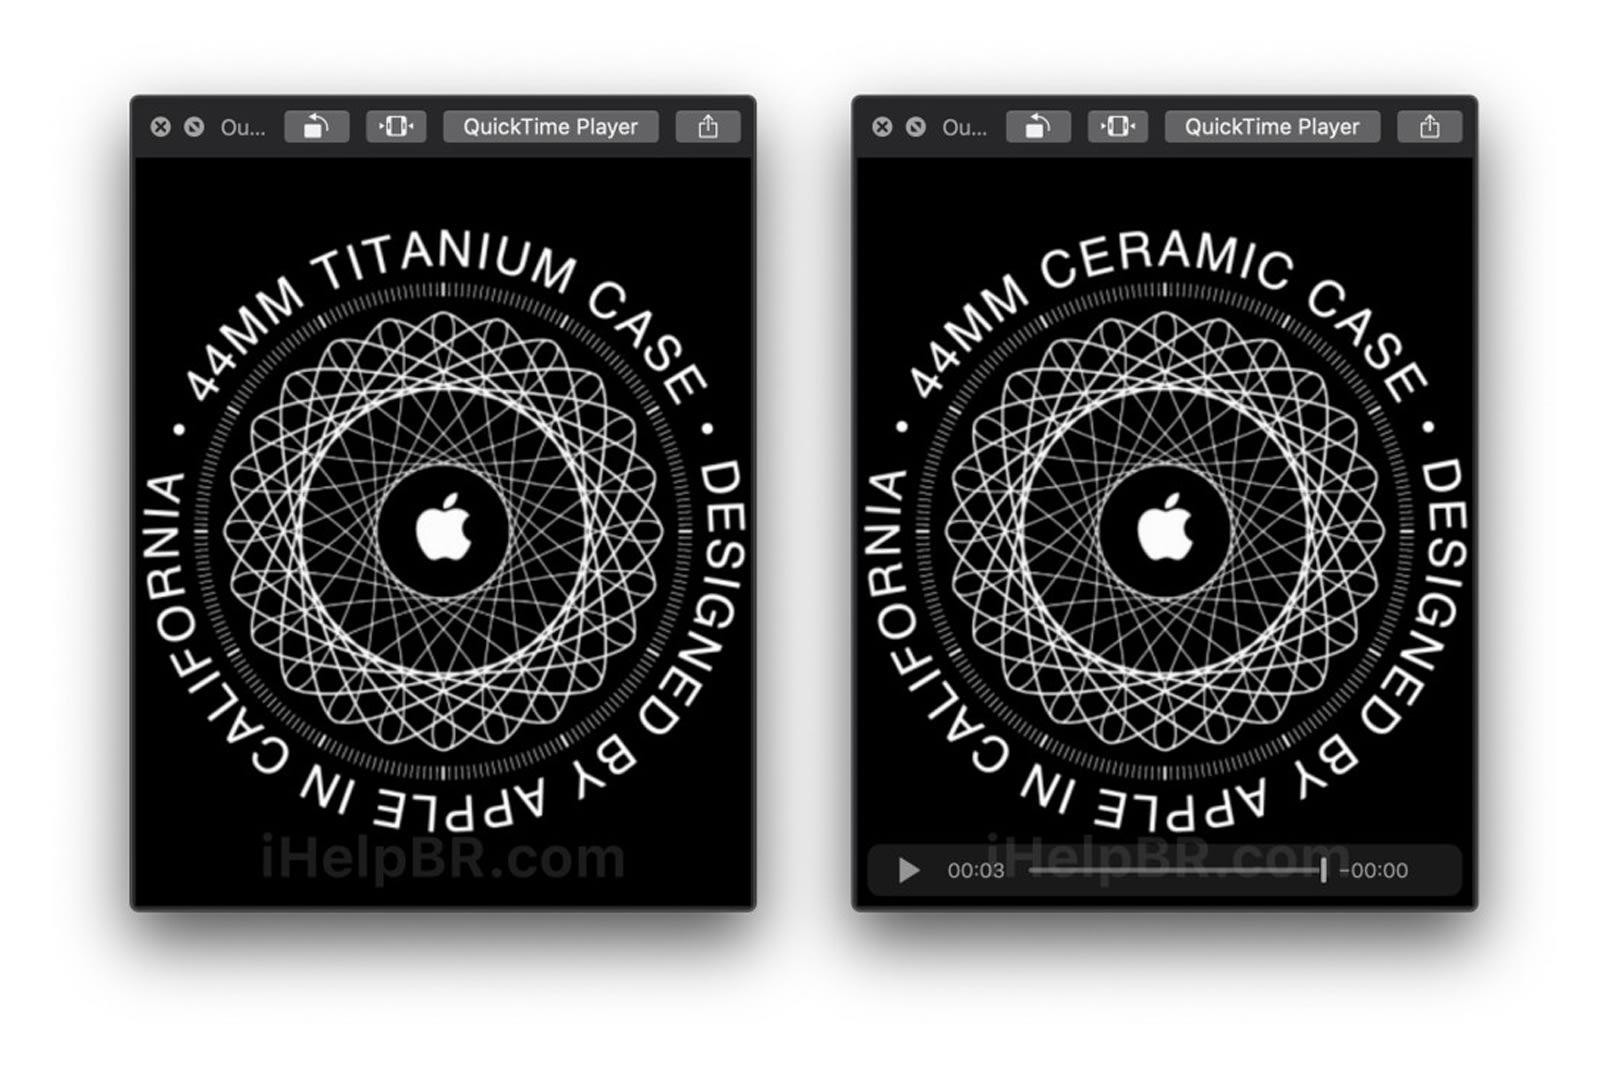 Apple Watch titanium and ceramic animations